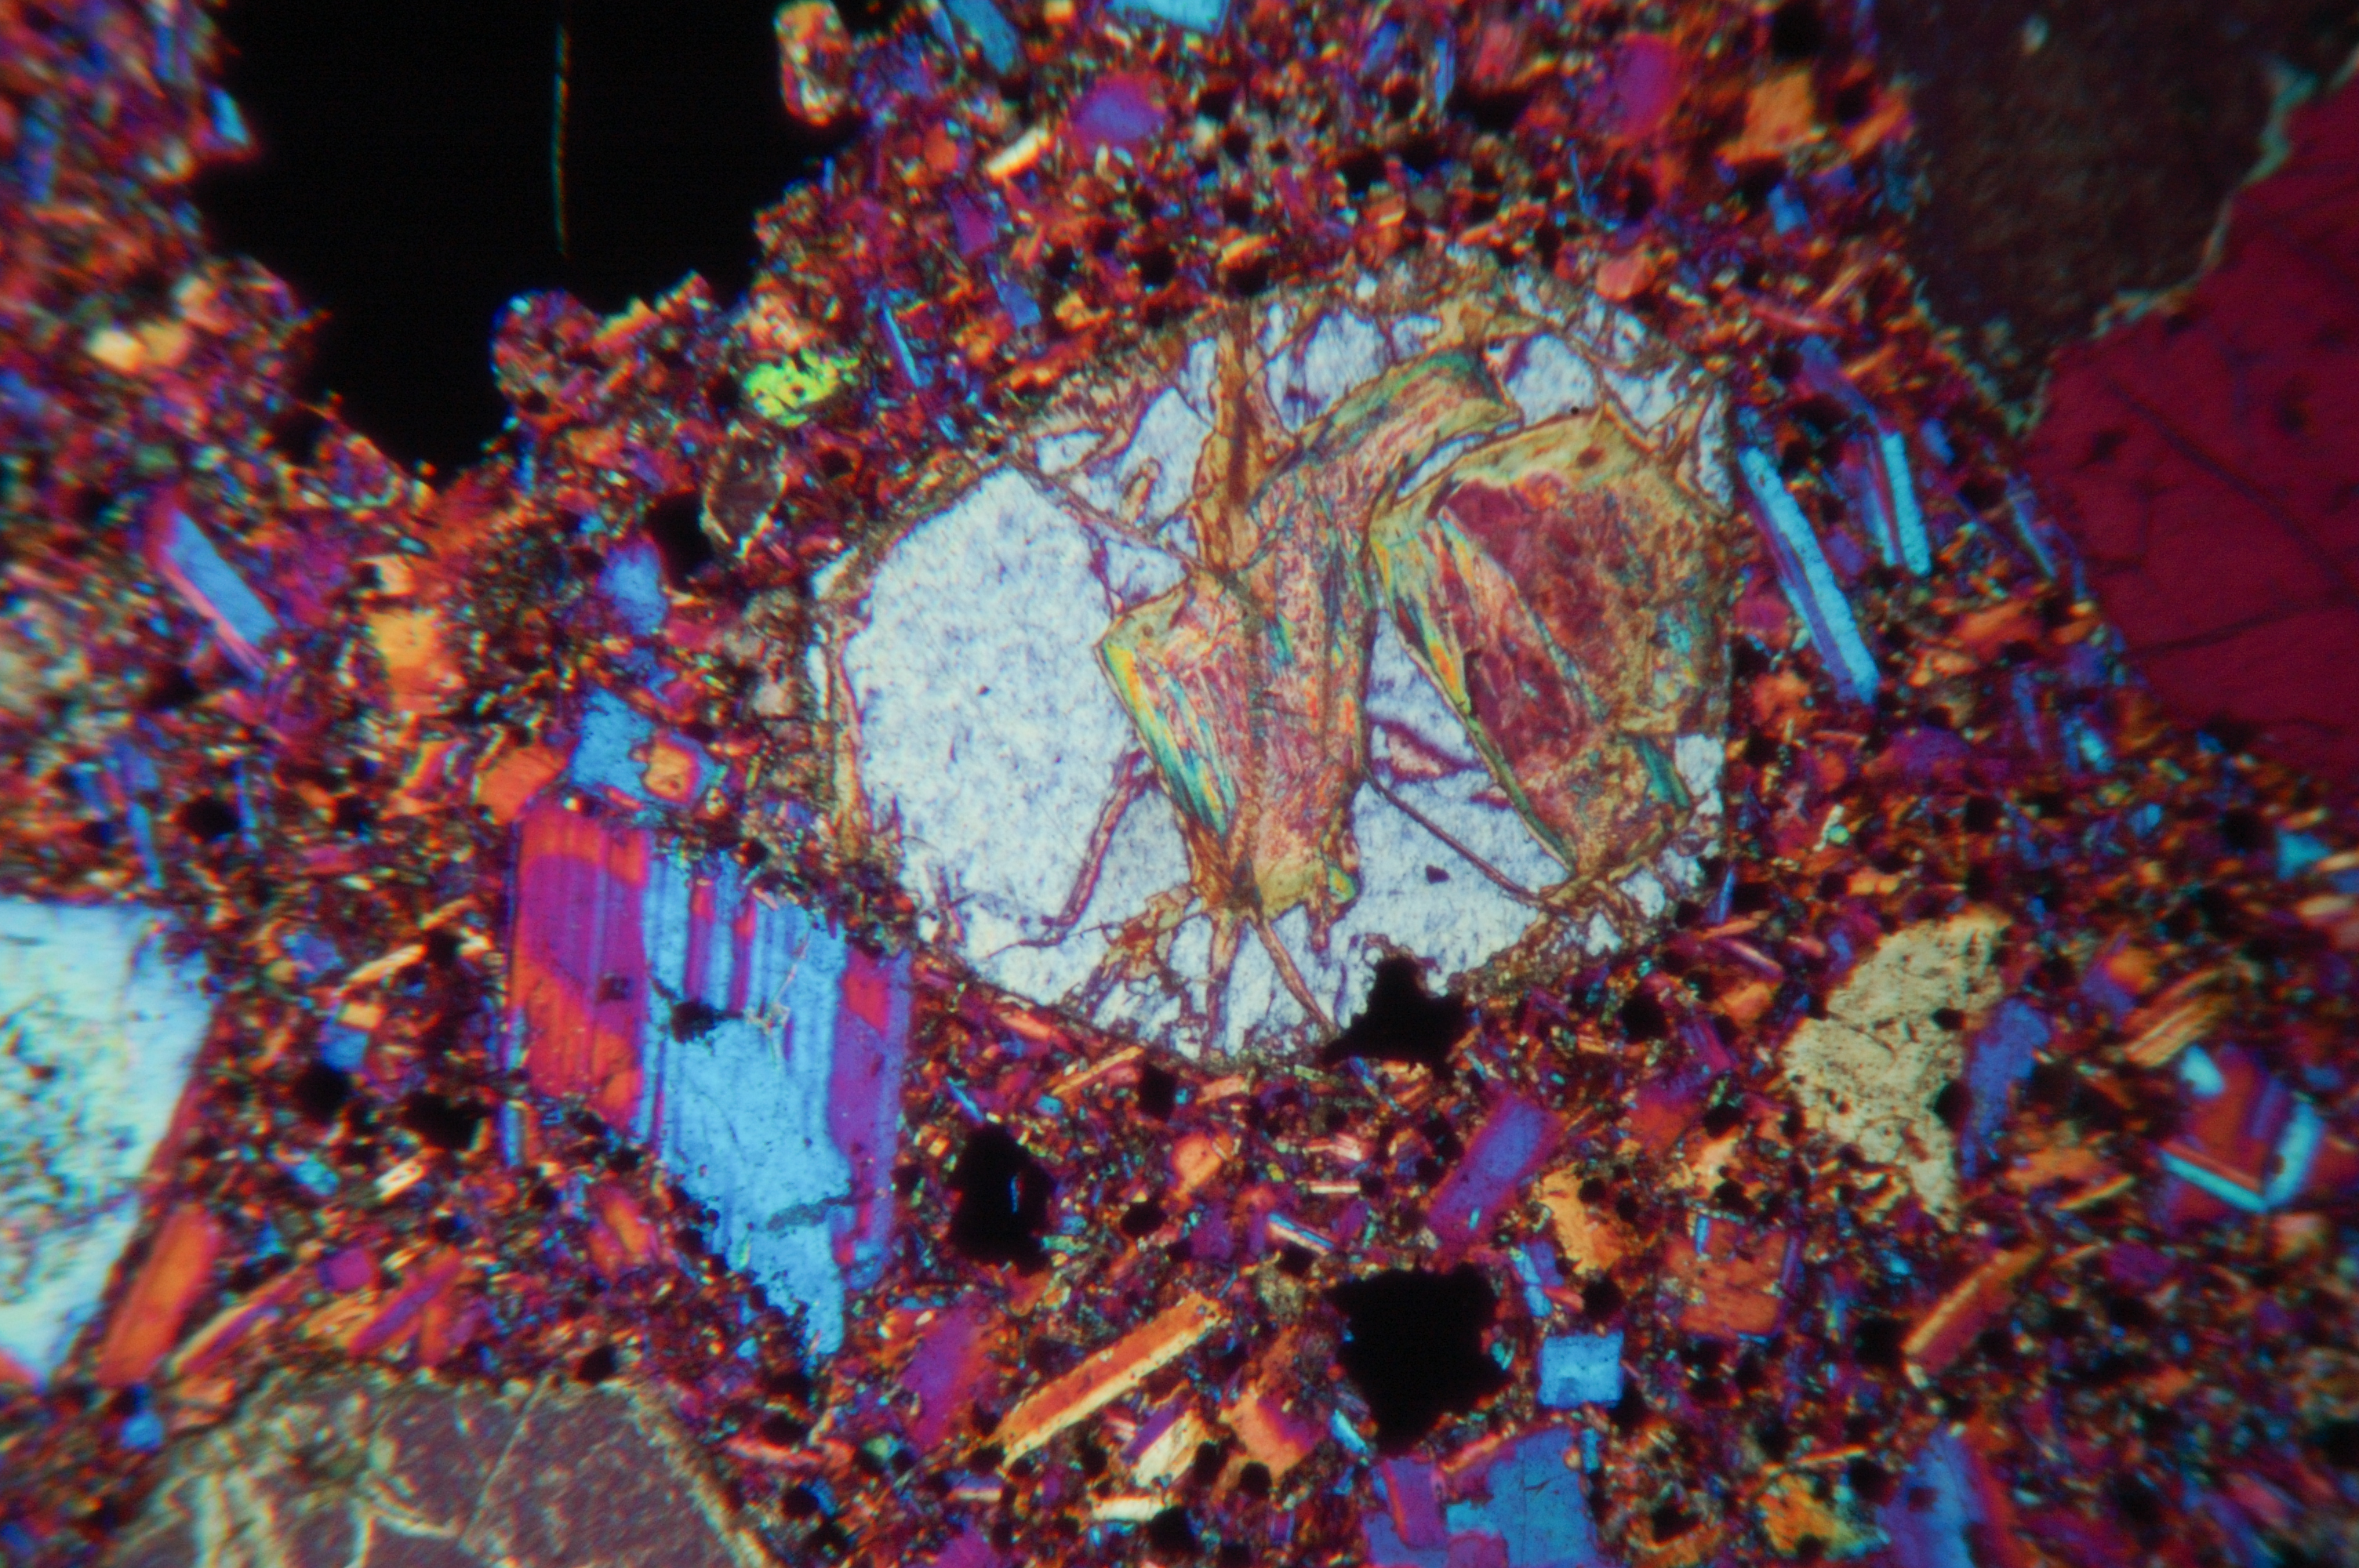 micrograph1.jpg